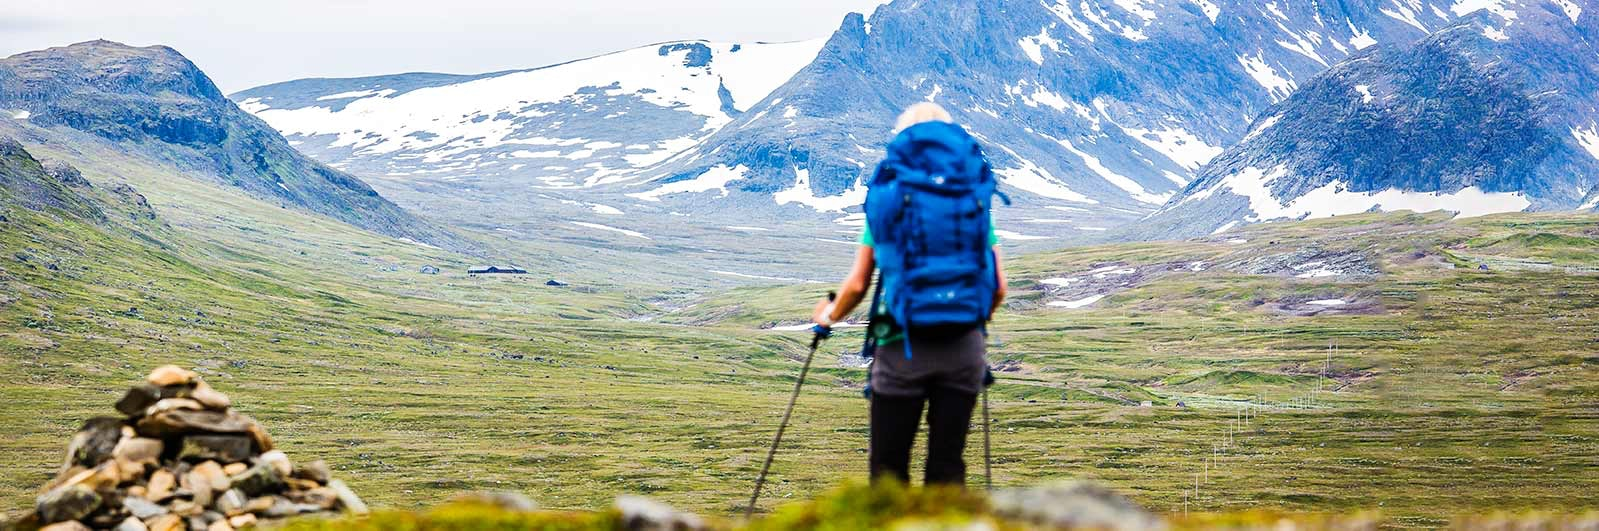 Vandrare ser på utsikt över bergen